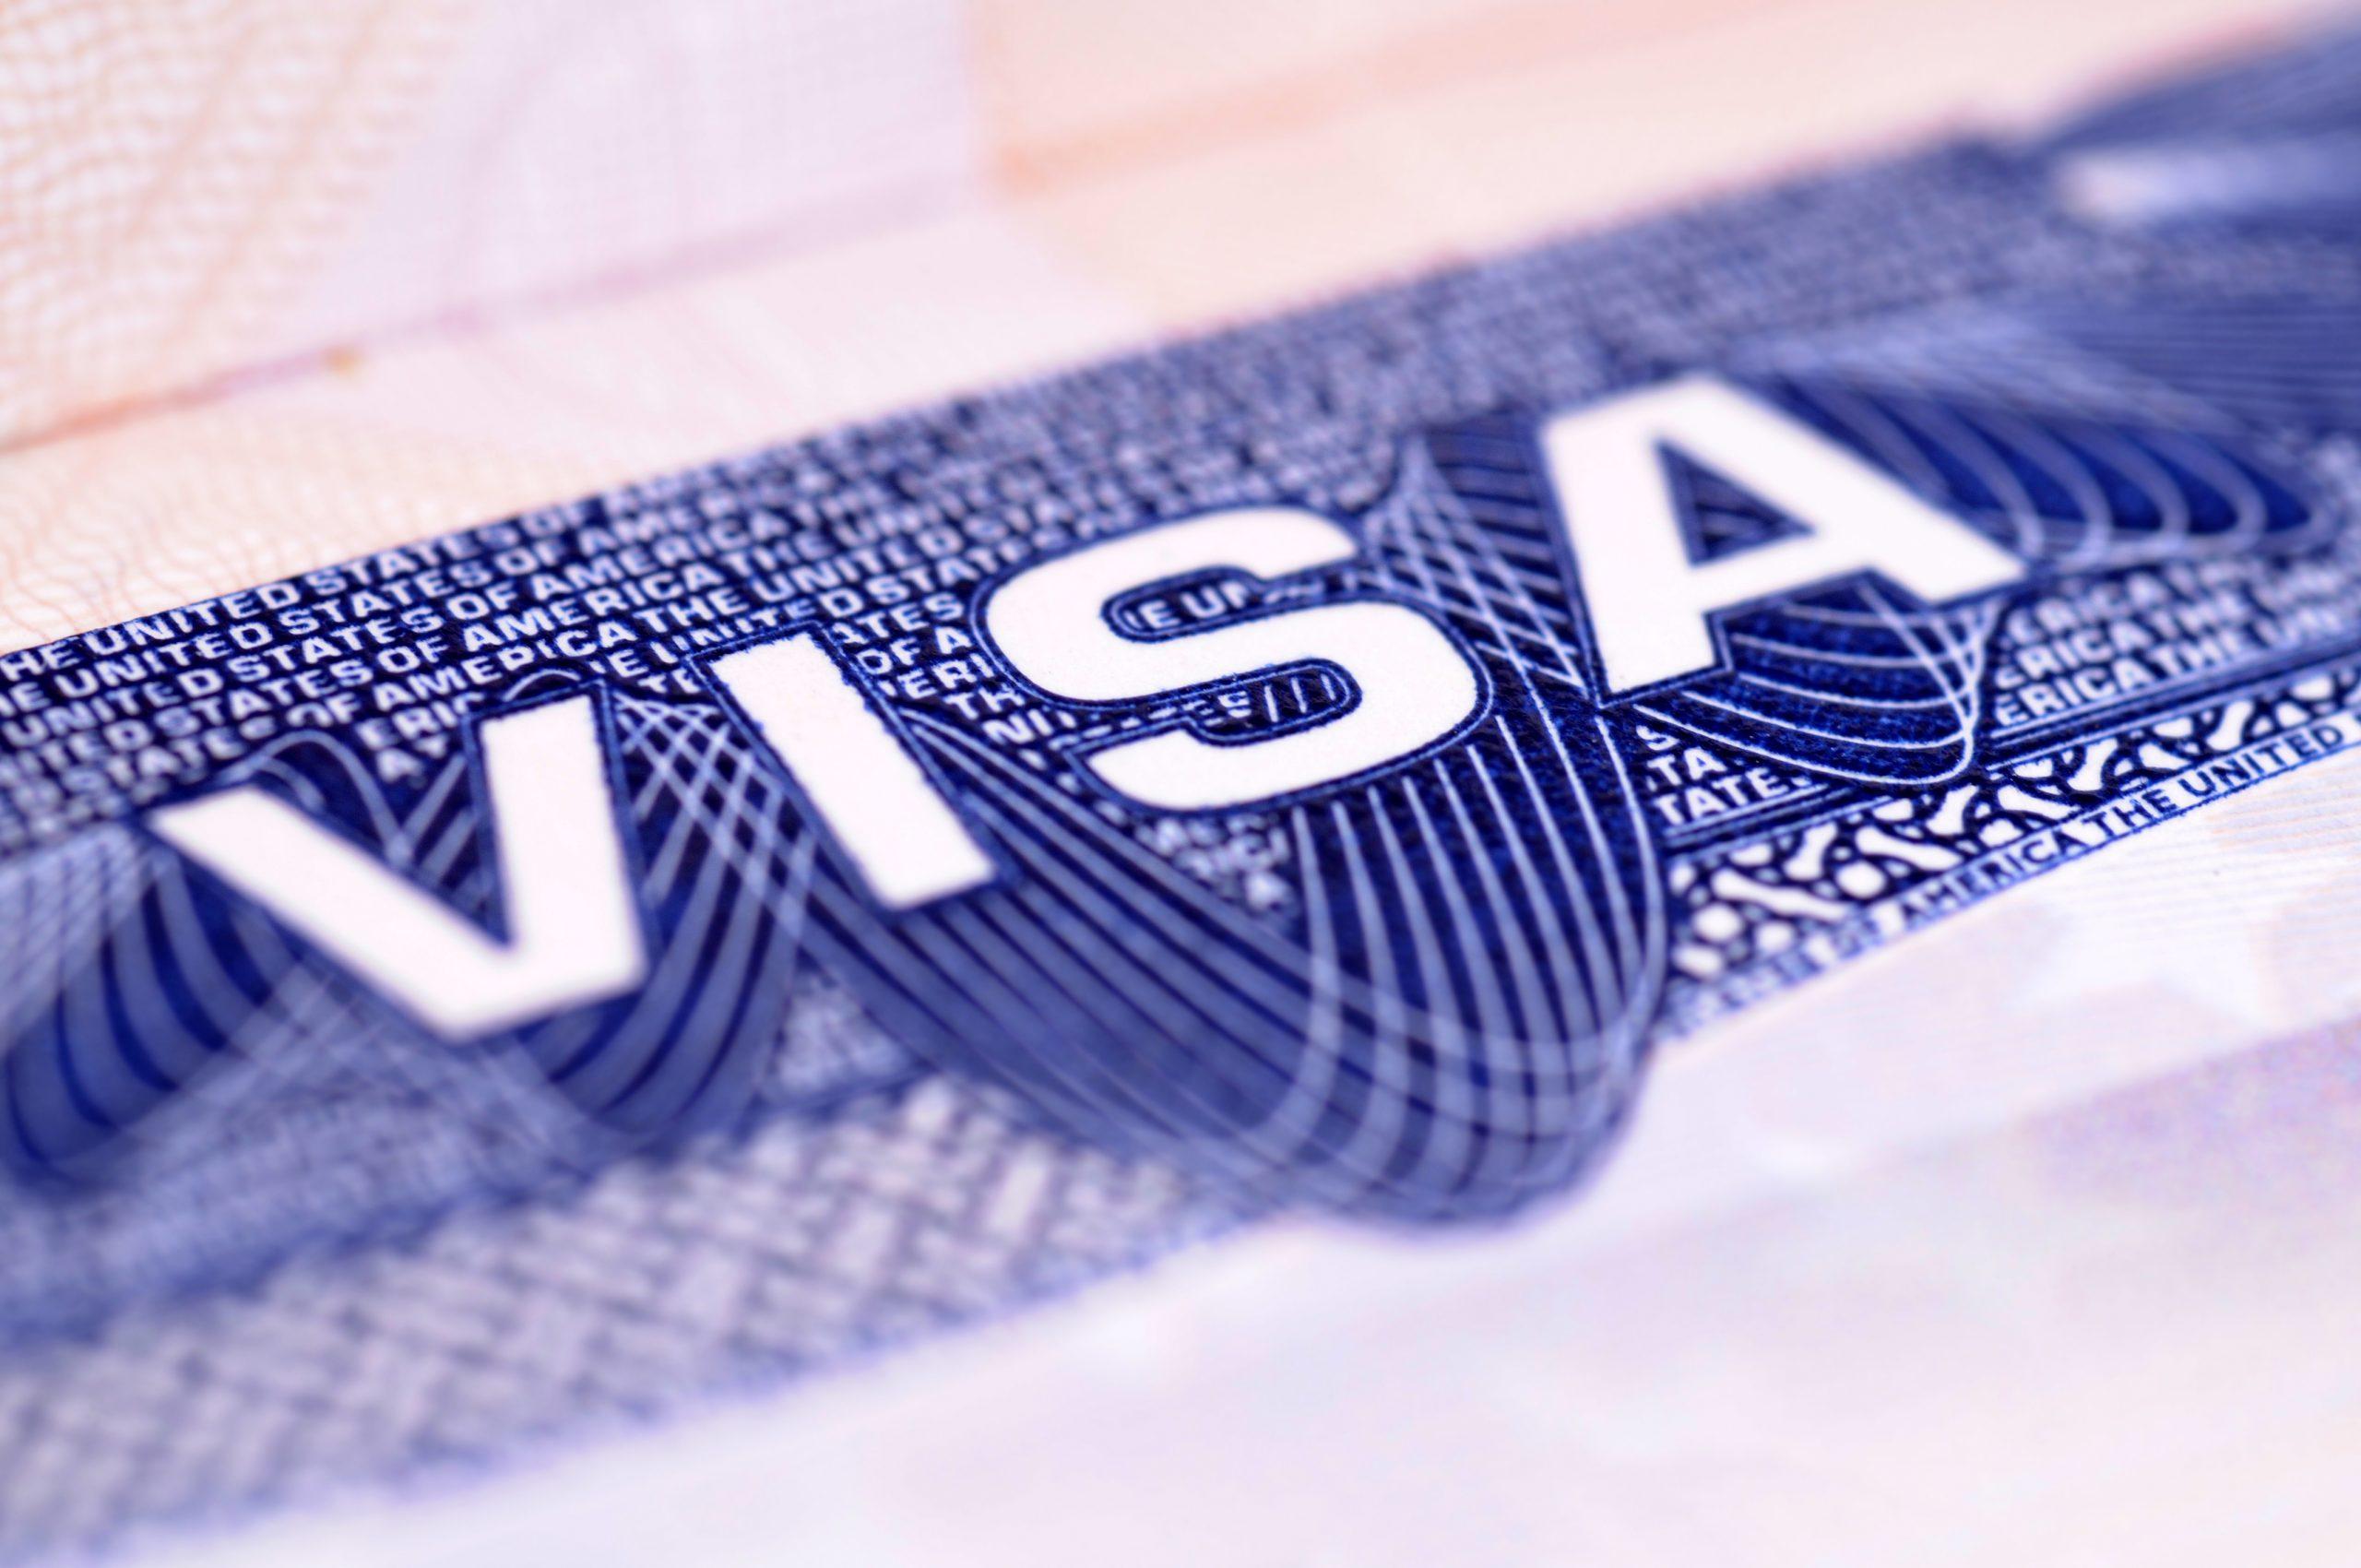 Quanto custa para tirar o visto?